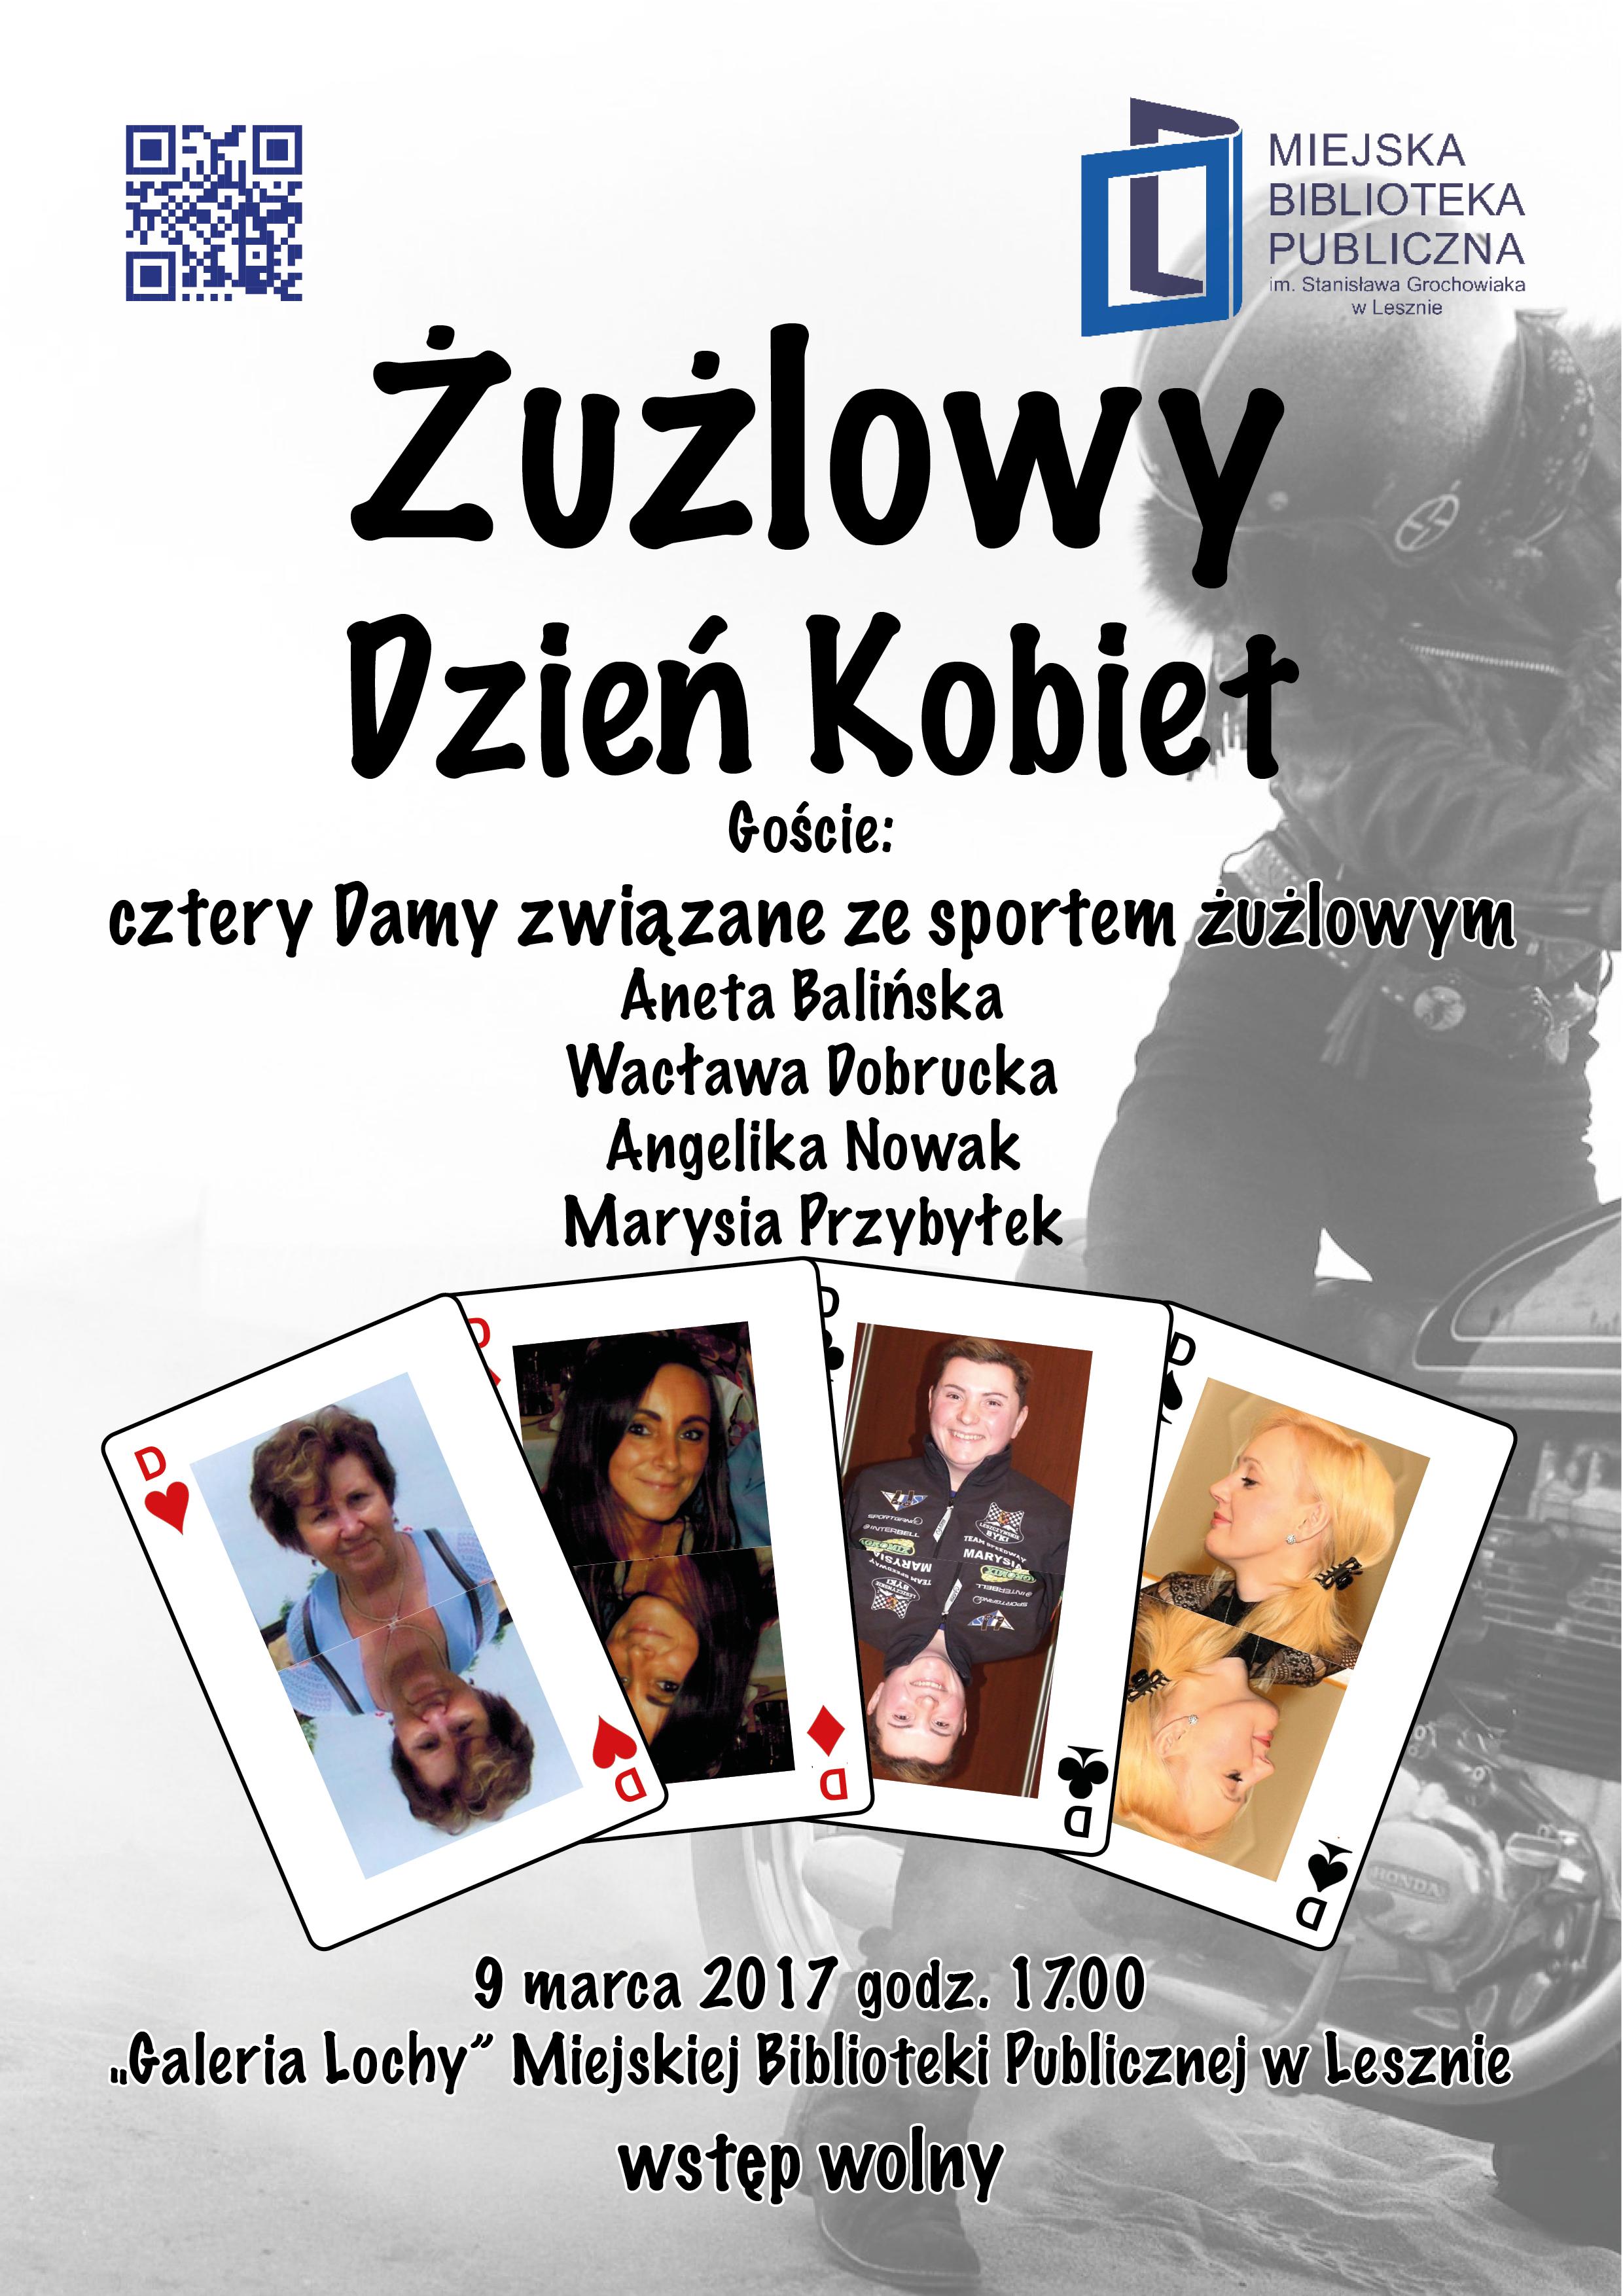 zuzlowy_dzien_kobiet_2